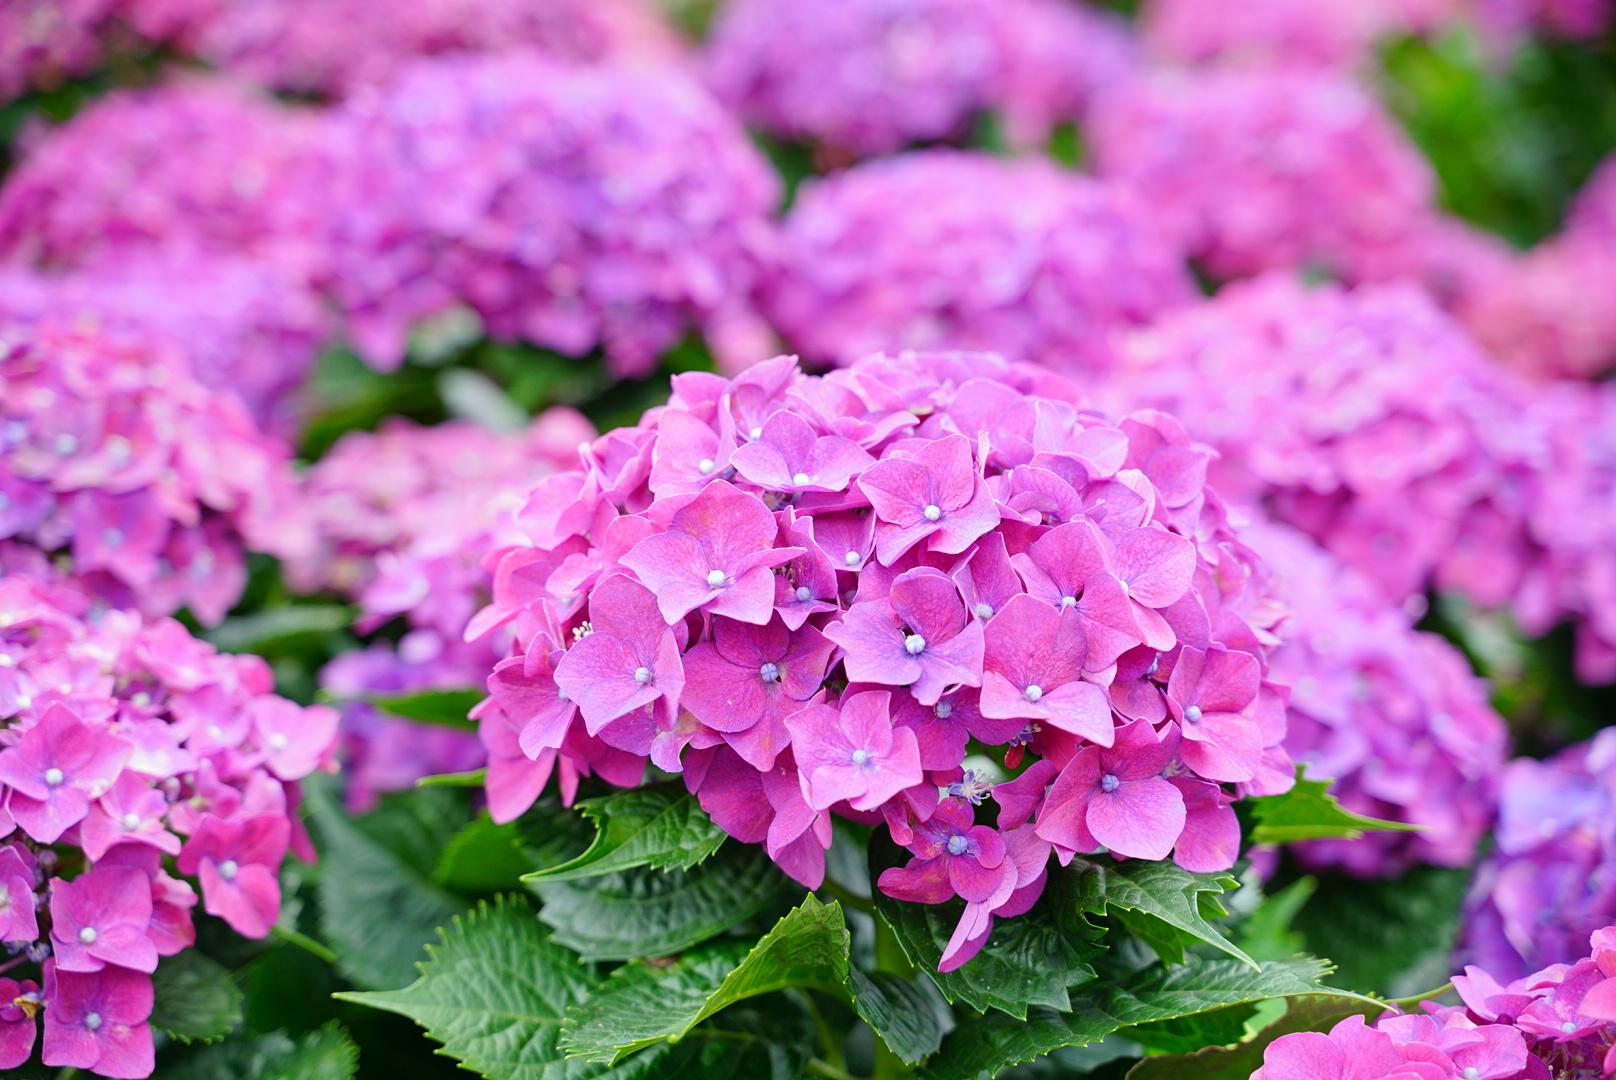 【旅行】陽明山 夏季必去紫陽花人氣景點-花谷海芋田